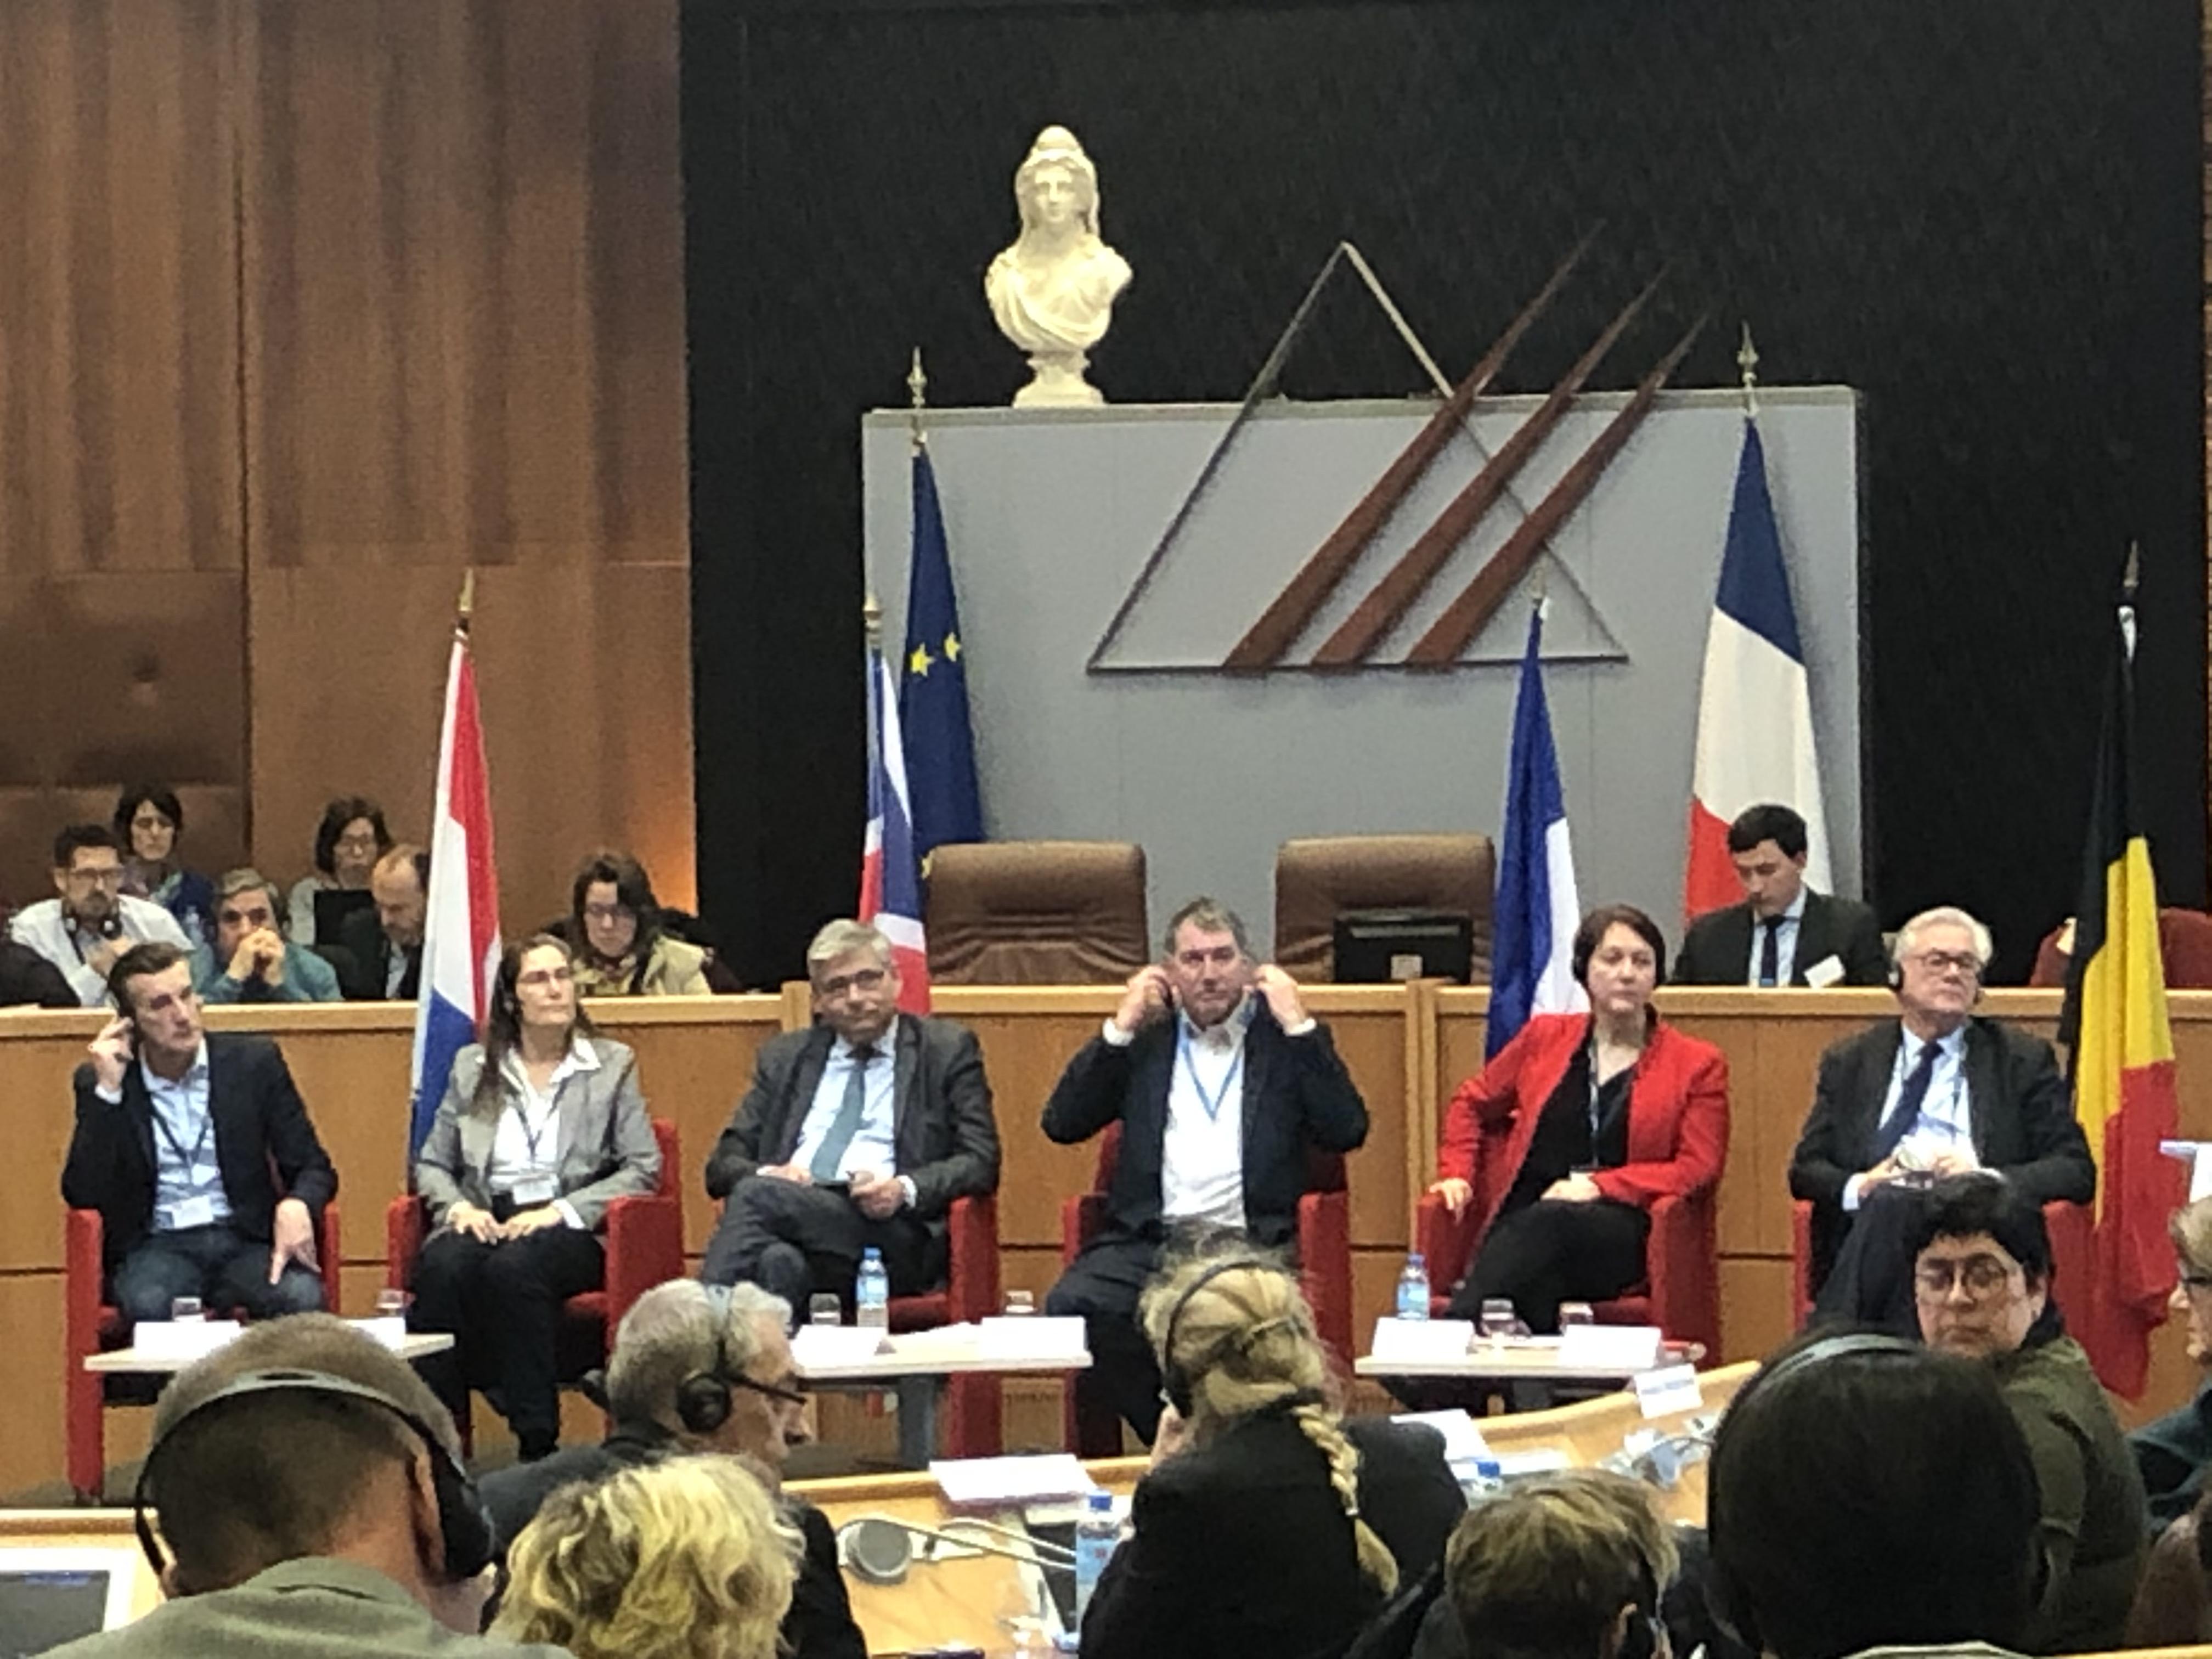 Vraaggesprek met vertegenwoordigers Straits Committee